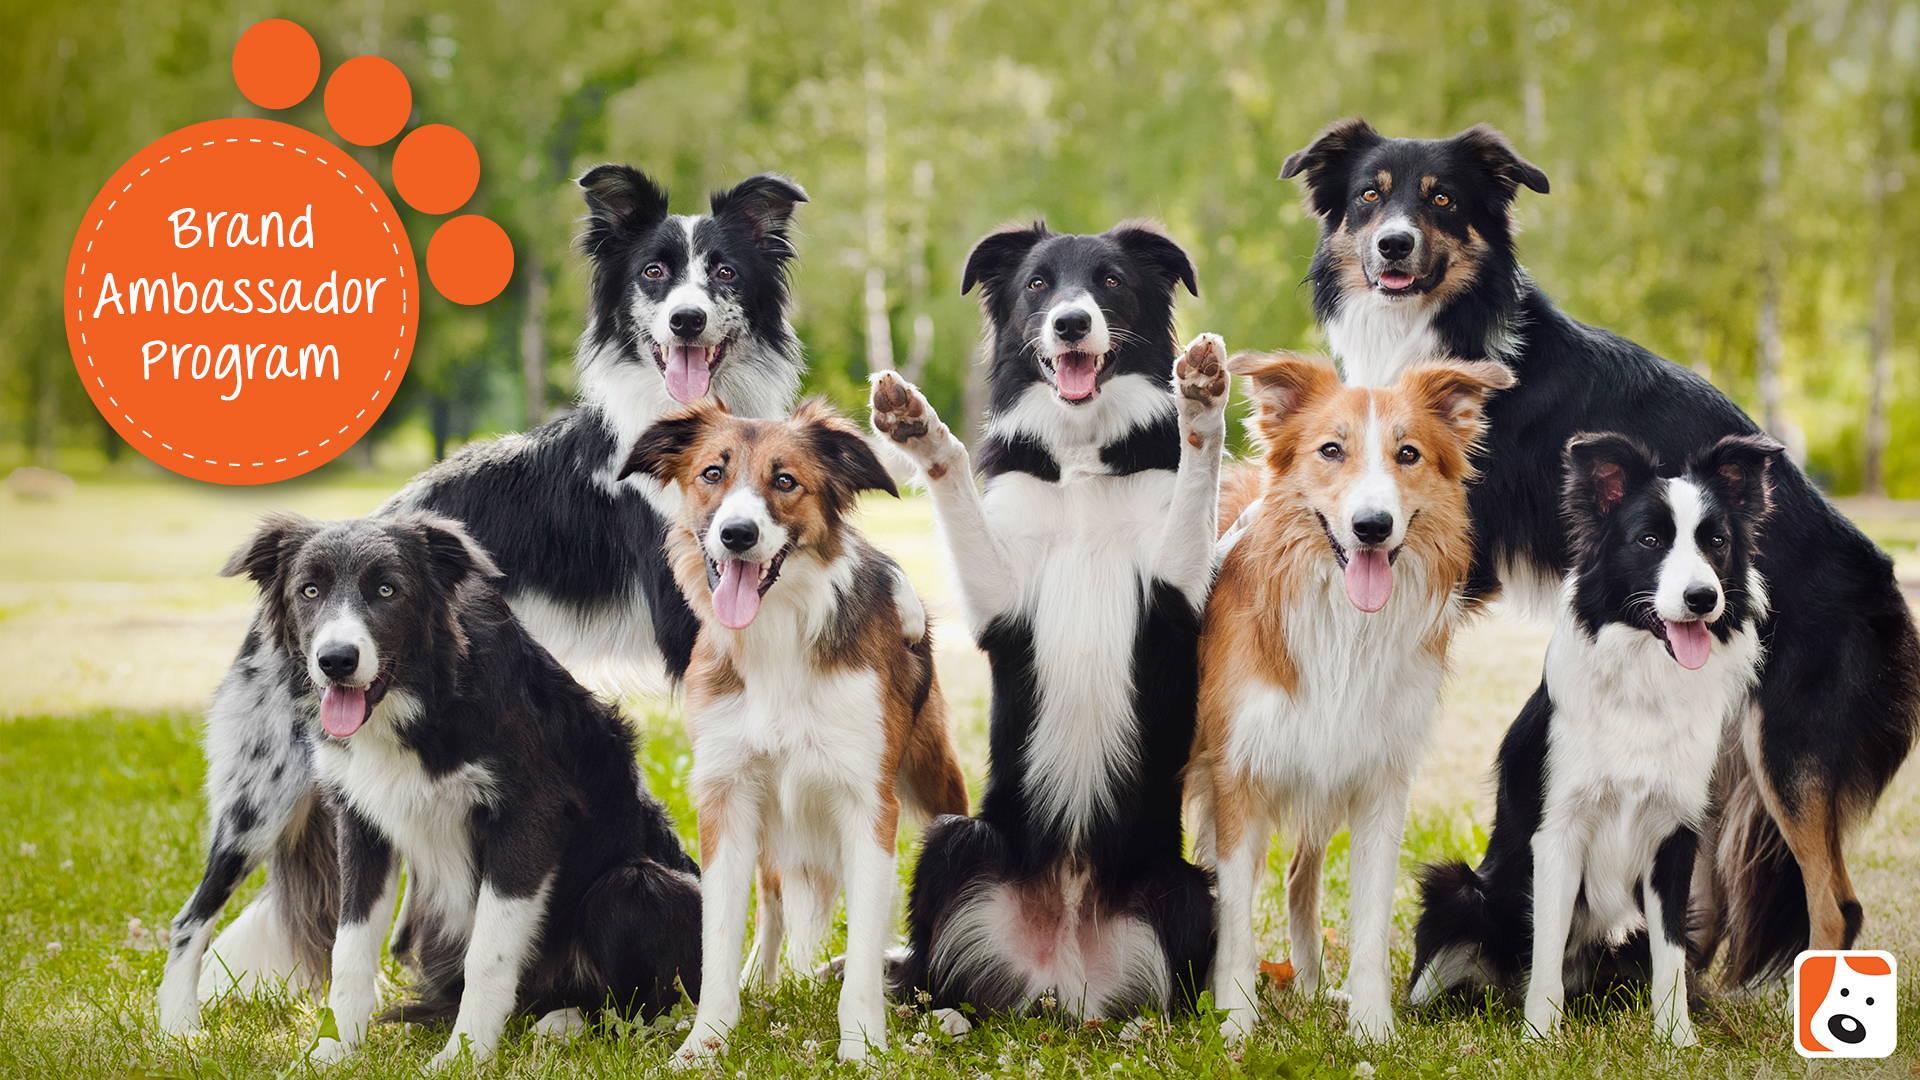 BONEO Canine Brand Ambassador Program